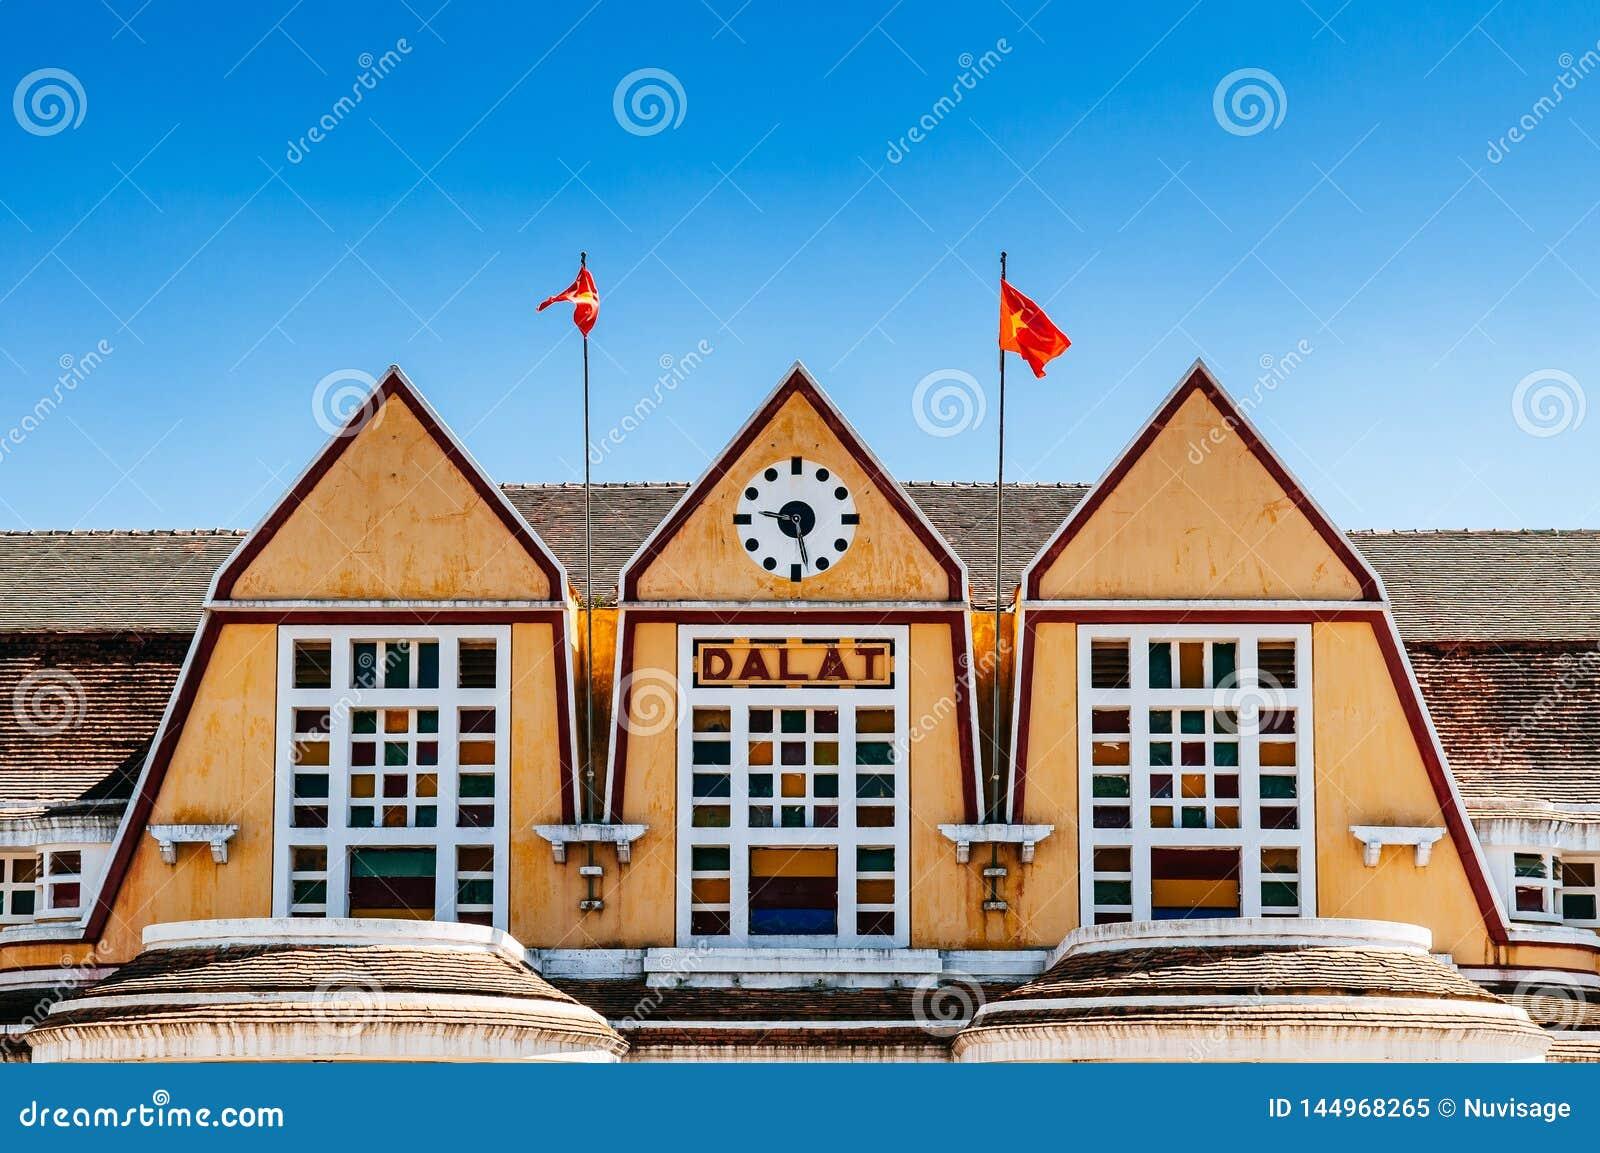 Παλαιά γαλλική αποικιακή αρχιτεκτονική σταθμών τρένου Dalat - Βιετνάμ